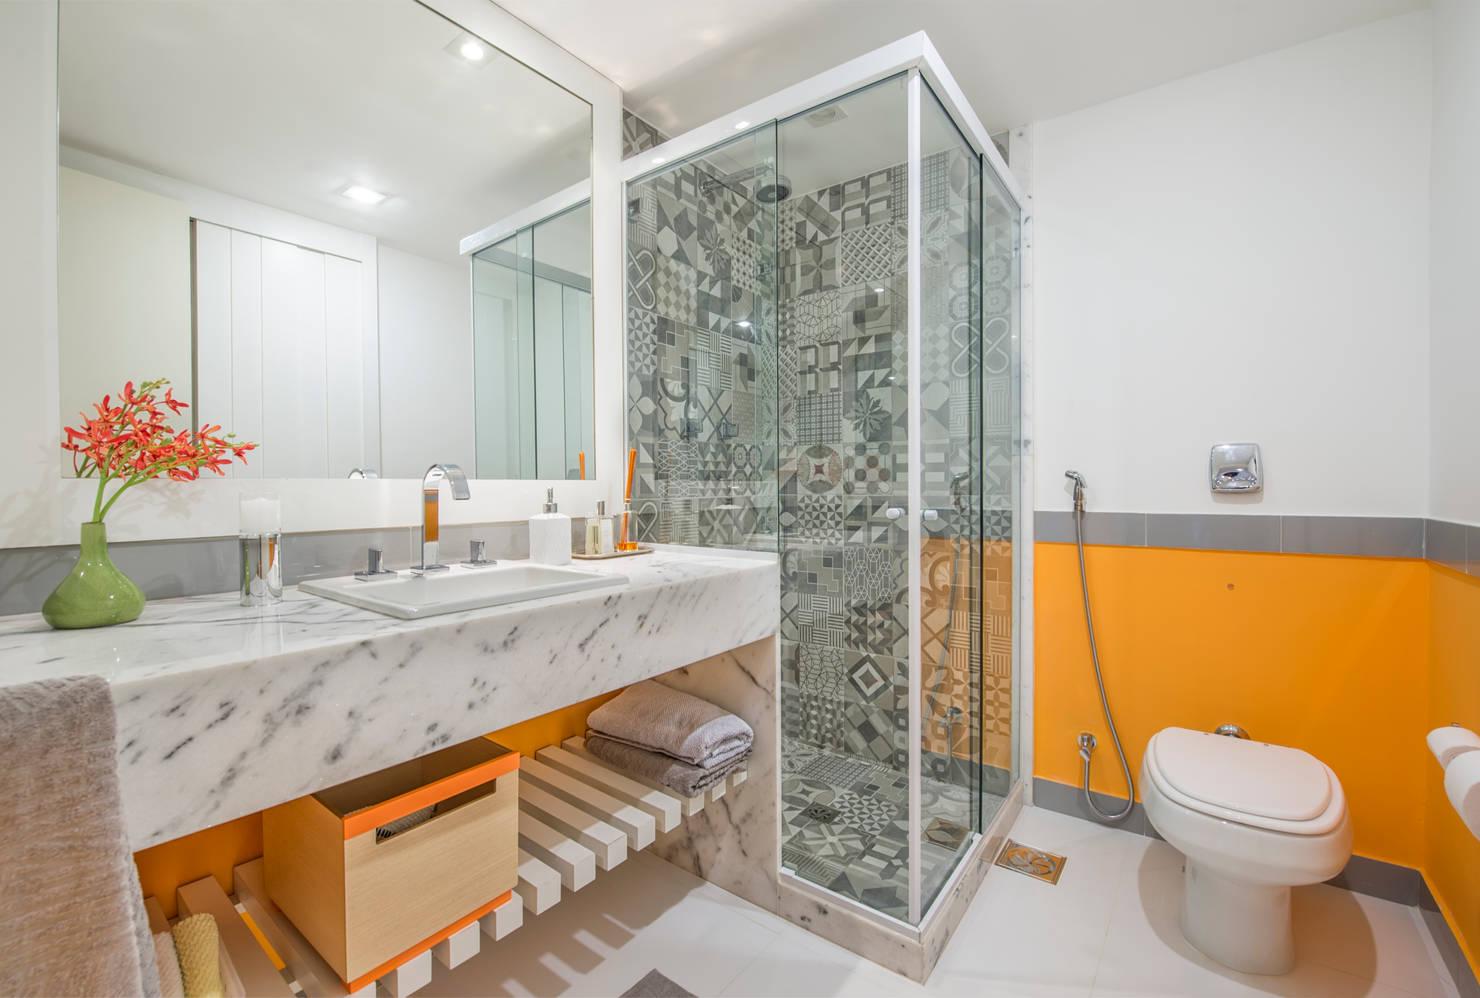 Box do chuveiro: como escolher o mais adequado